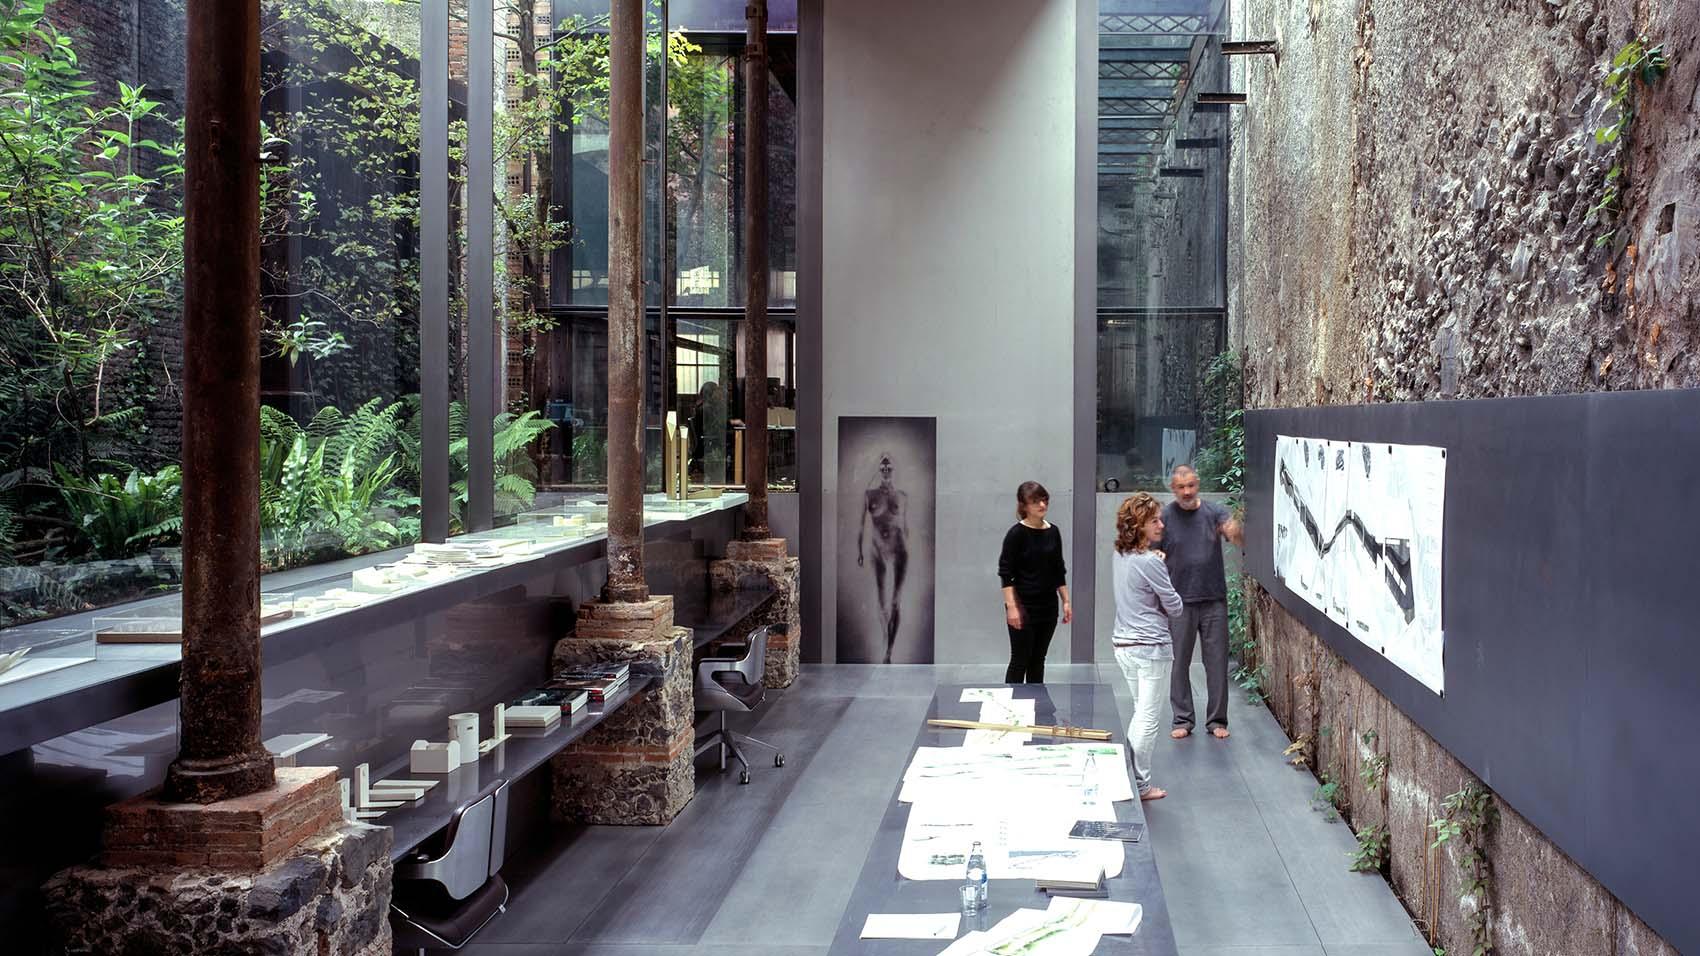 Barberí Laboratory estudio de Rafael Aranda, Carme Pigem and Ramon Vilalta ganadores del Pritzker en Olot, Girona, 2017